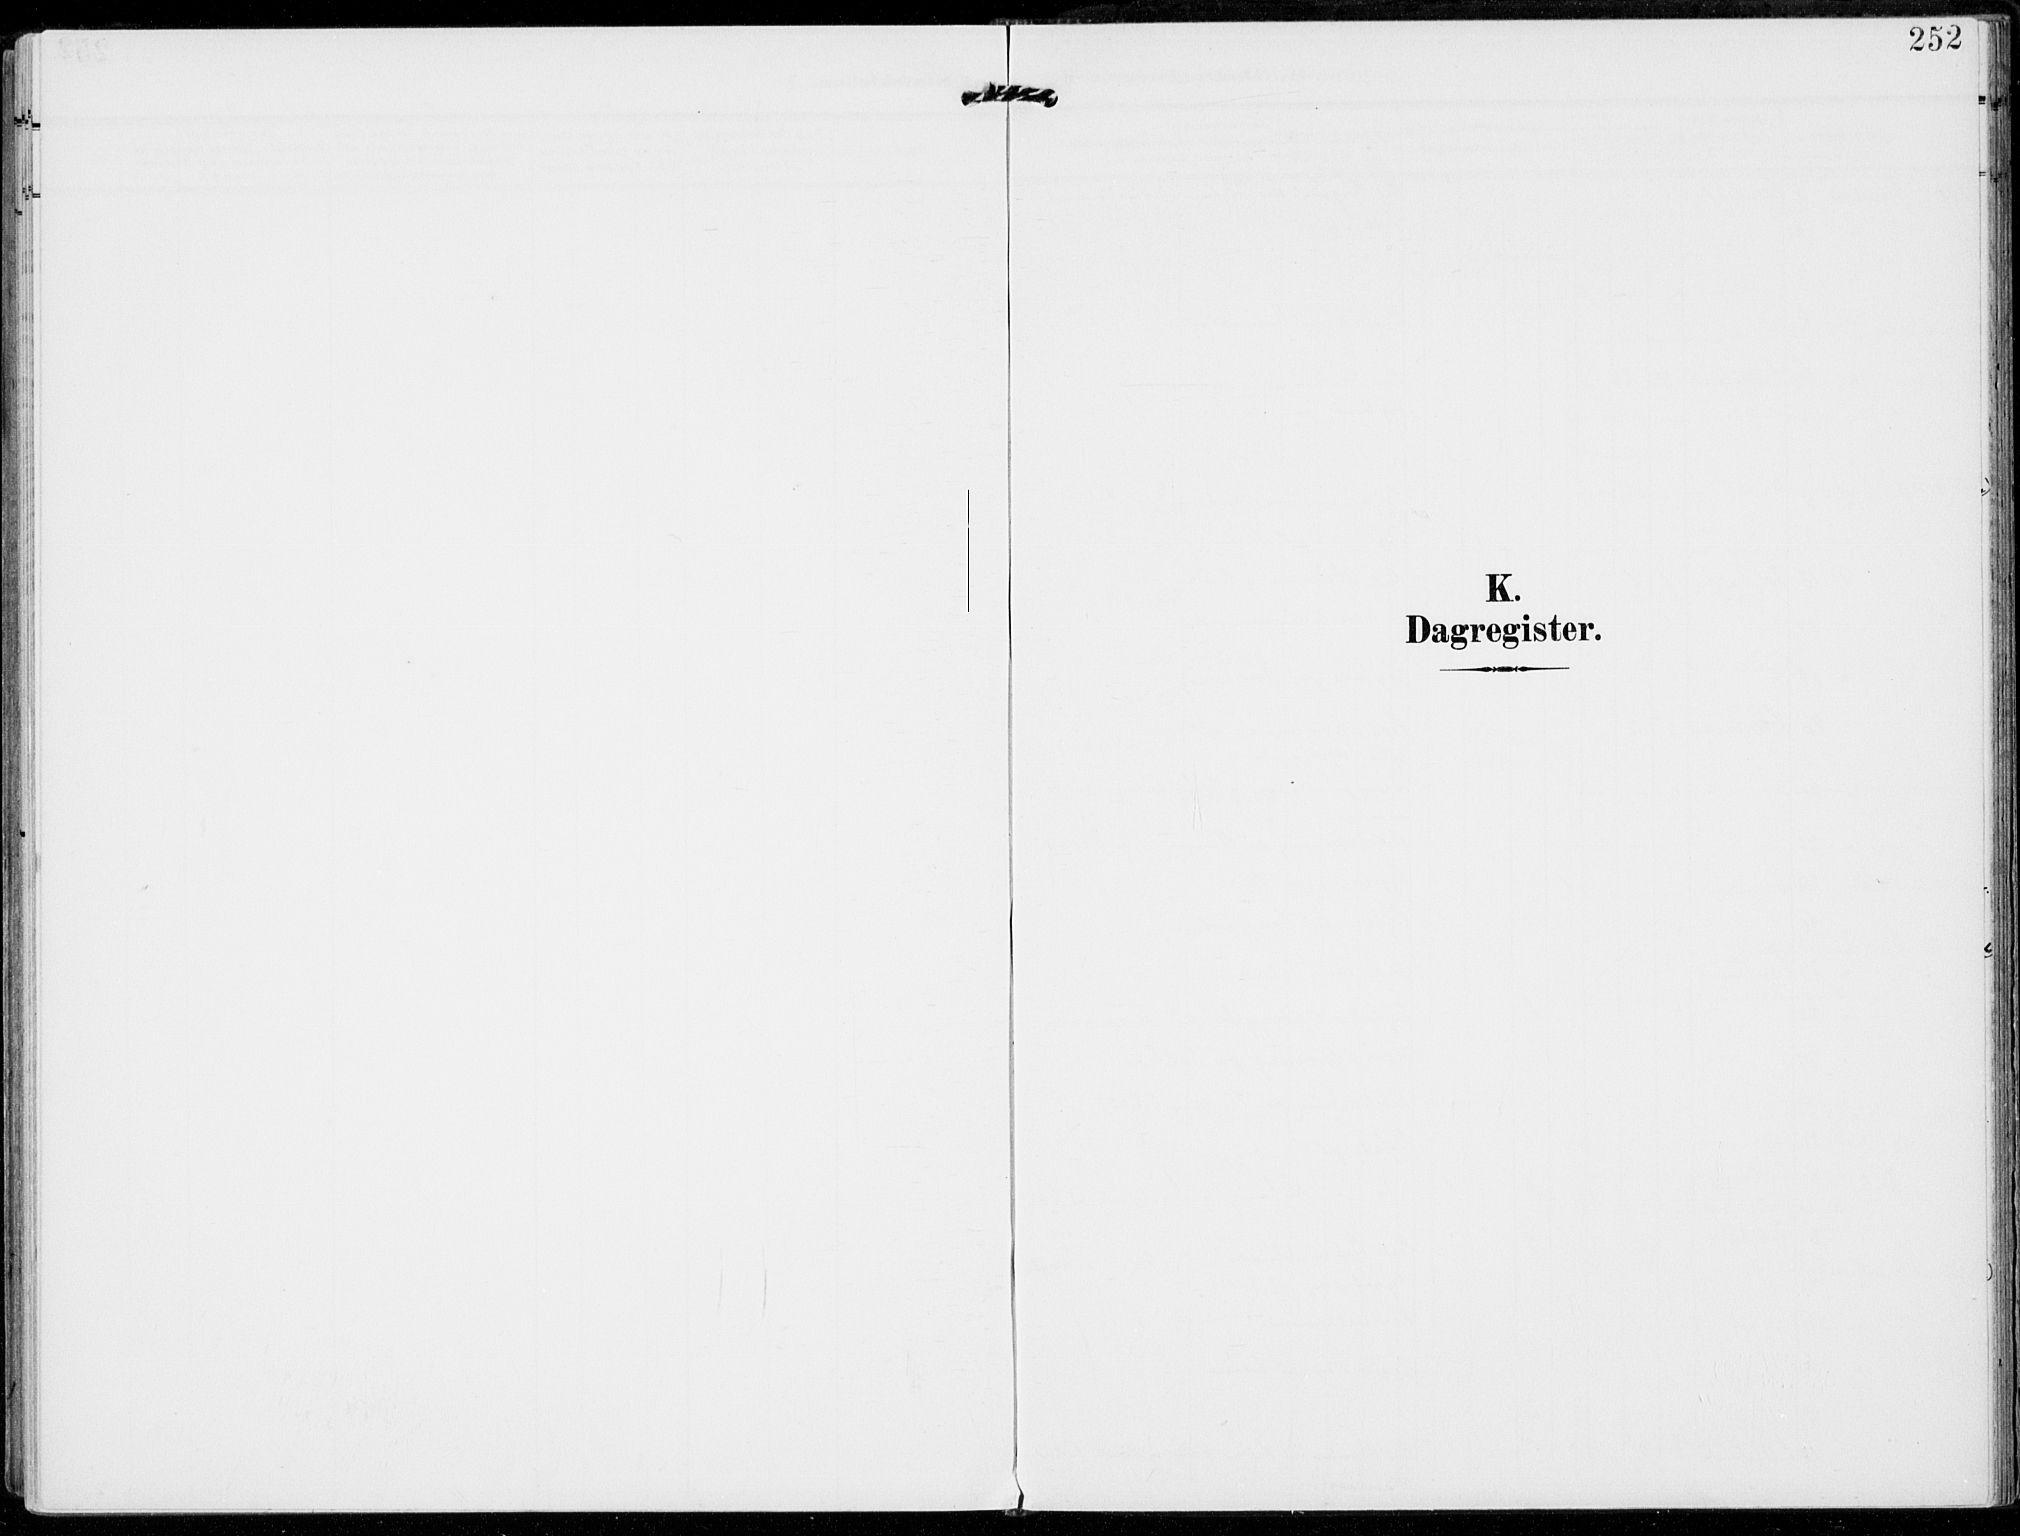 SAH, Alvdal prestekontor, Ministerialbok nr. 4, 1907-1919, s. 252